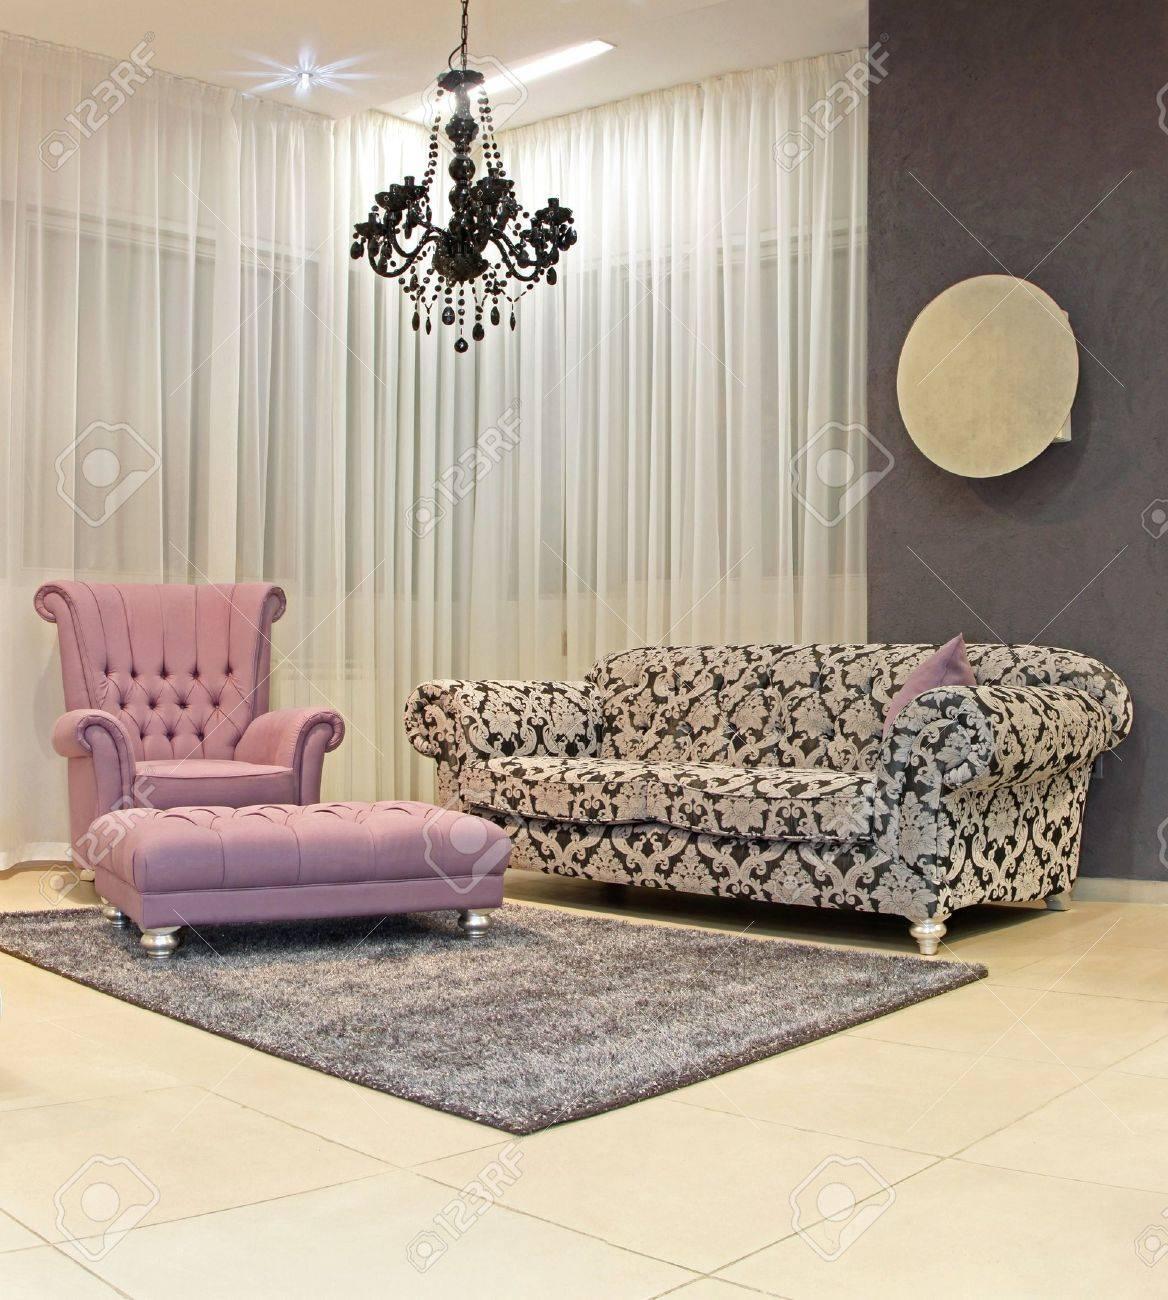 La Vida Moderna Esquina De La Habitaci N Con Muebles De Poca  # La Esquina Muebles